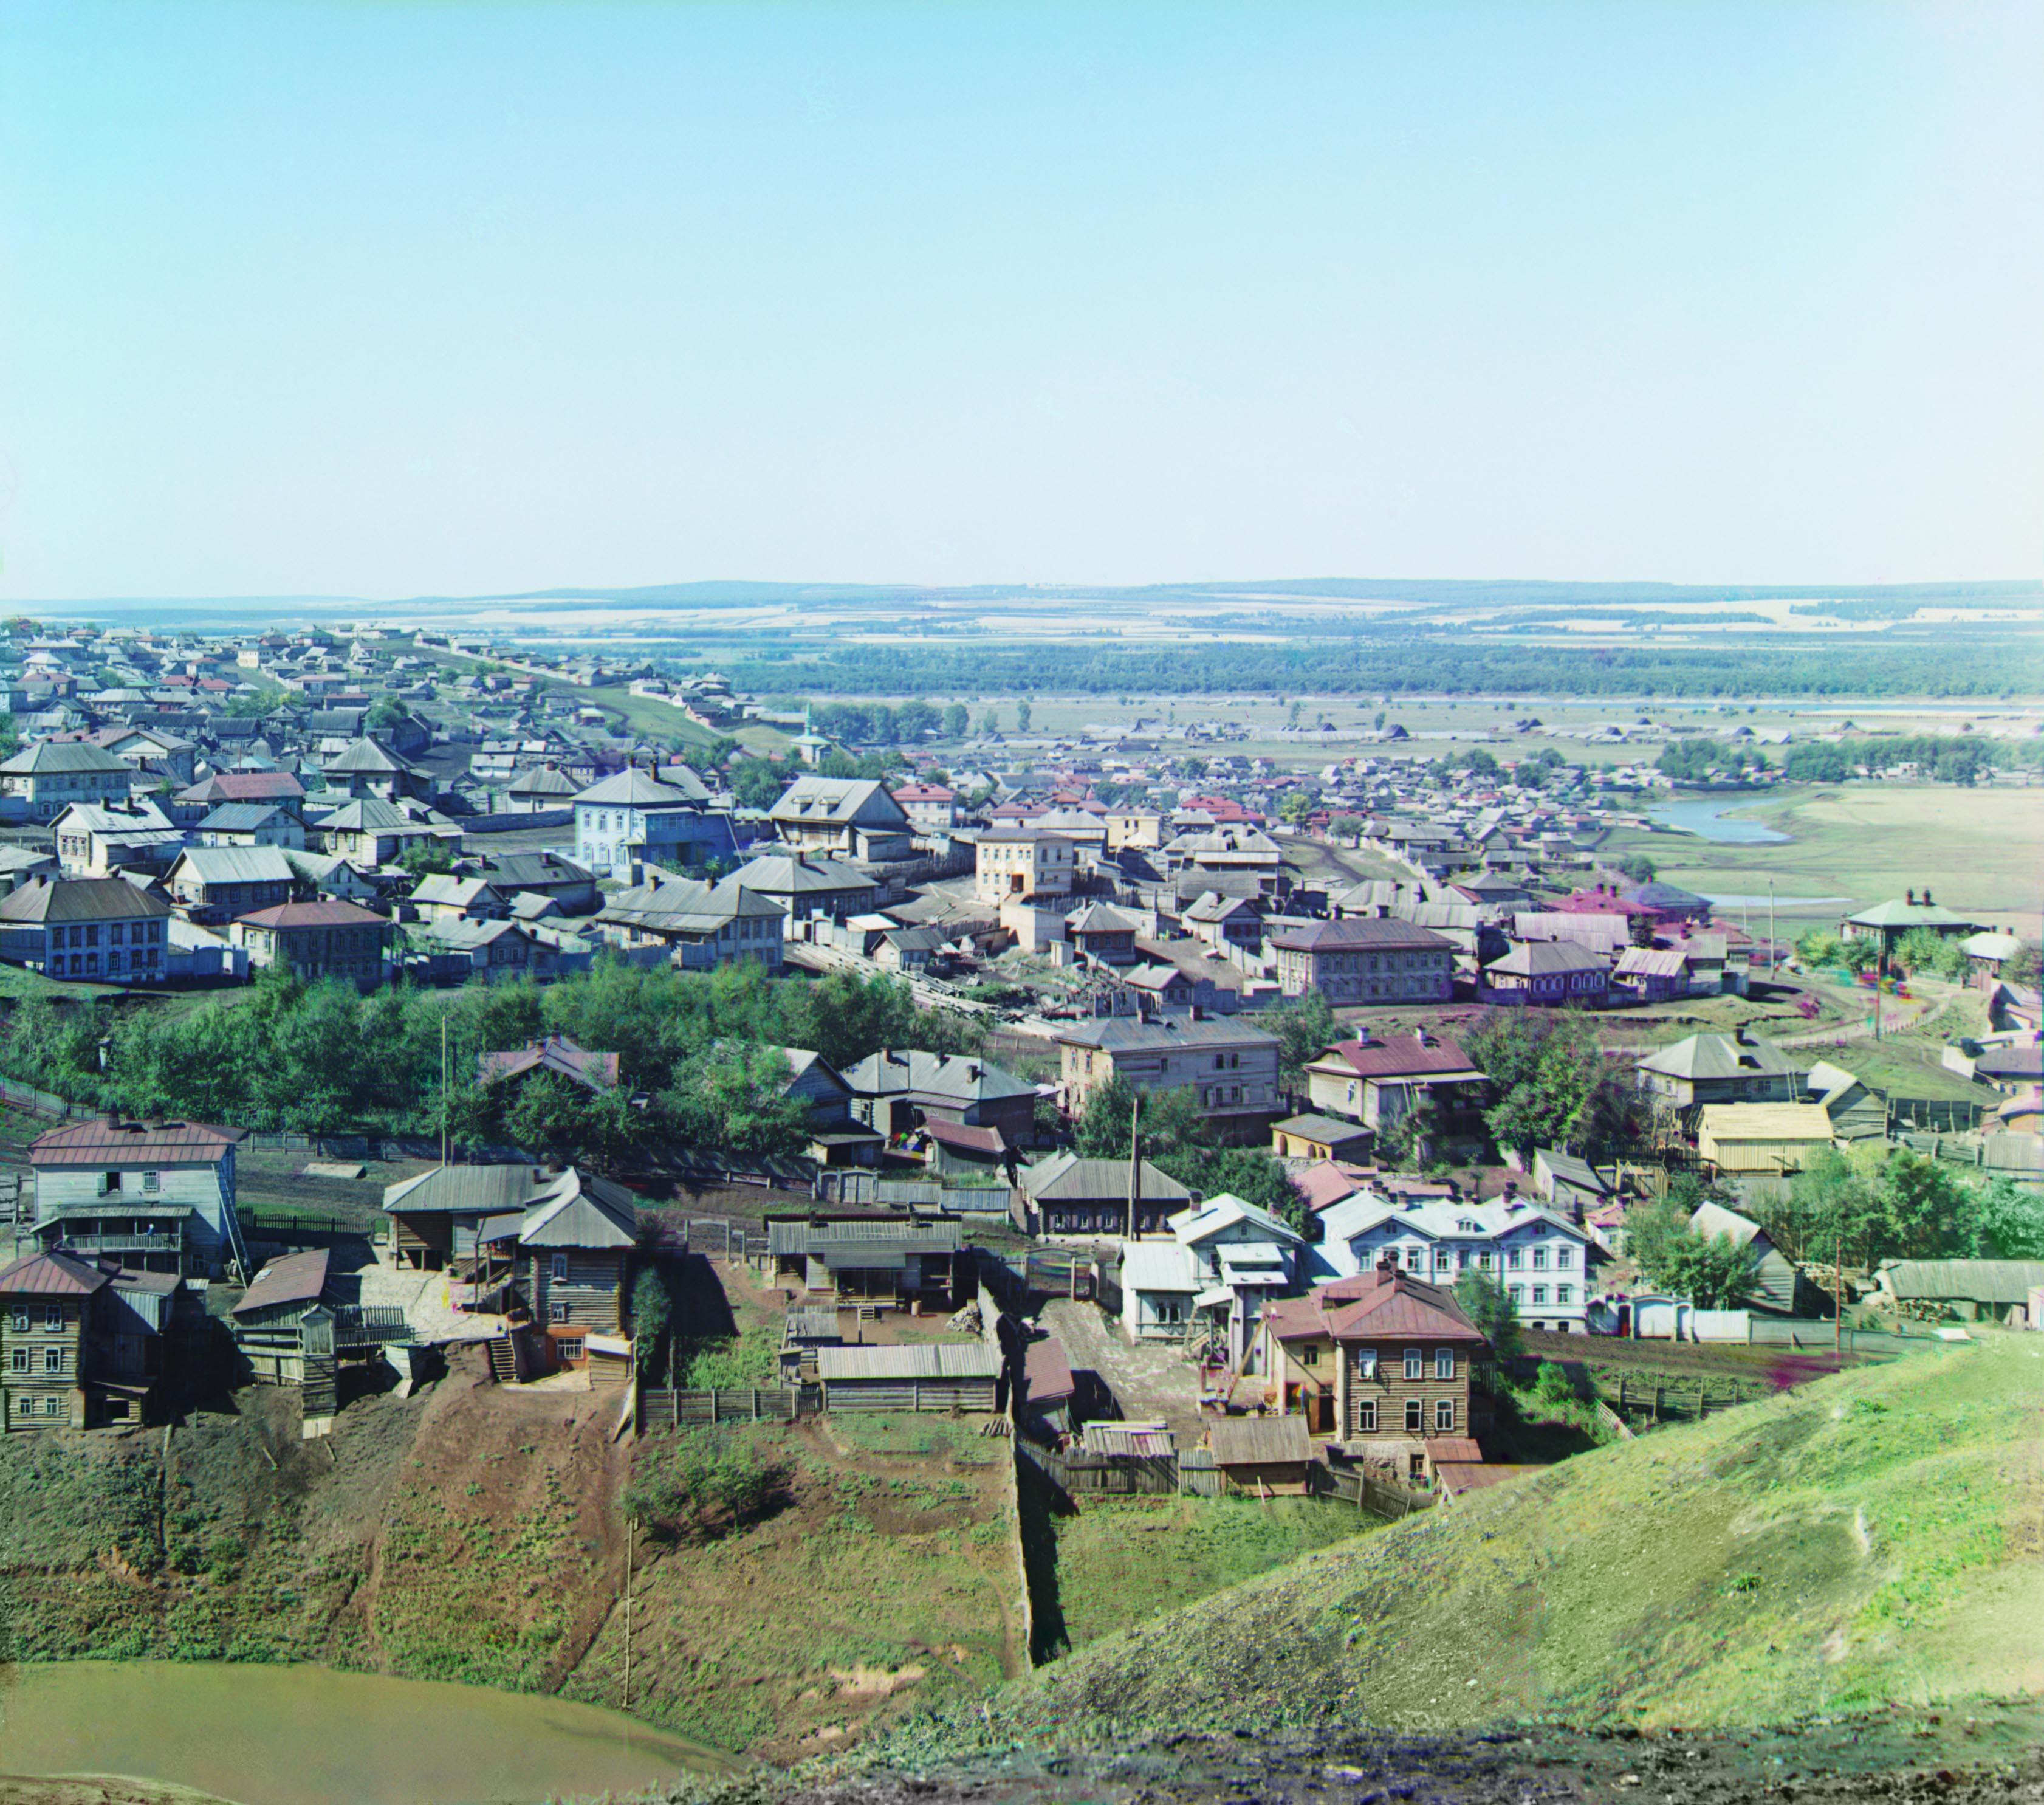 В Башкирии я нашел два Межгорья - село и город. Но оба они находятся